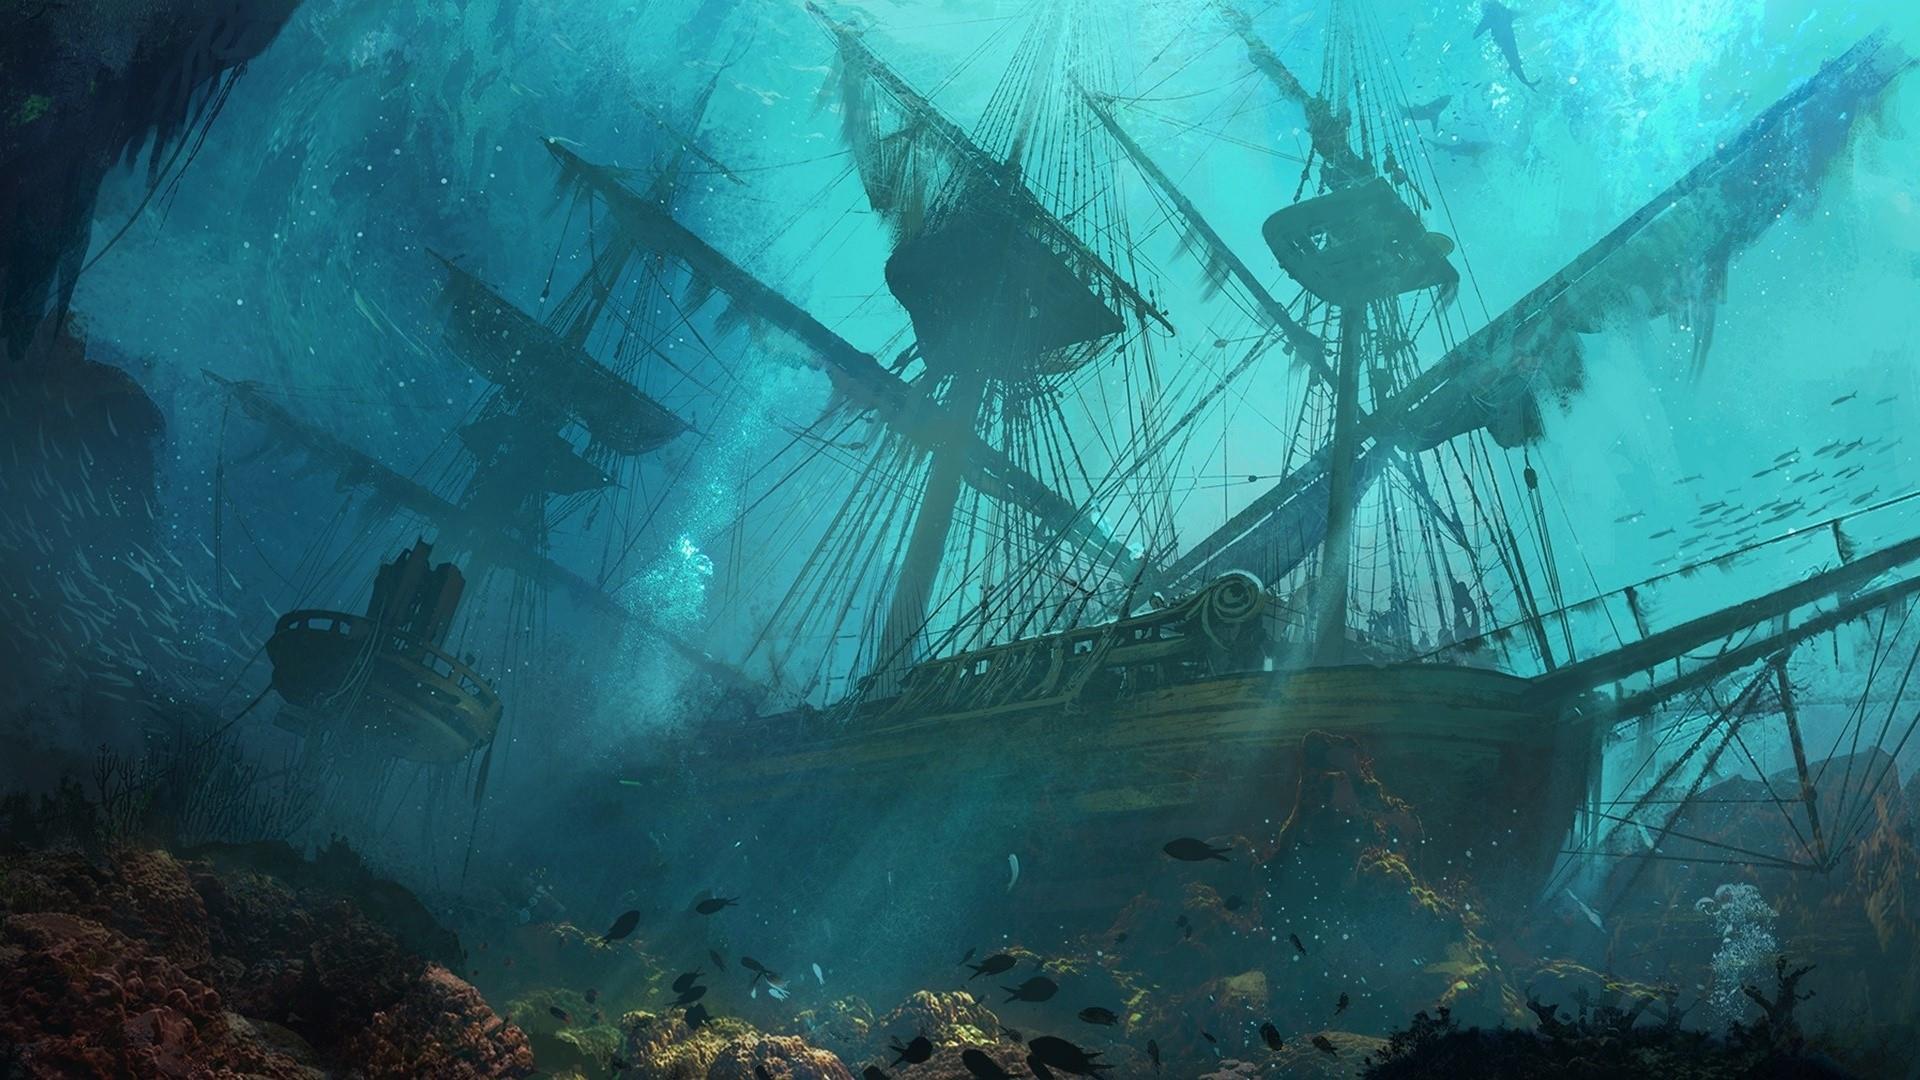 Fantasy Underwater Wallpaper Hd Sunken Pirate Ships Underwater